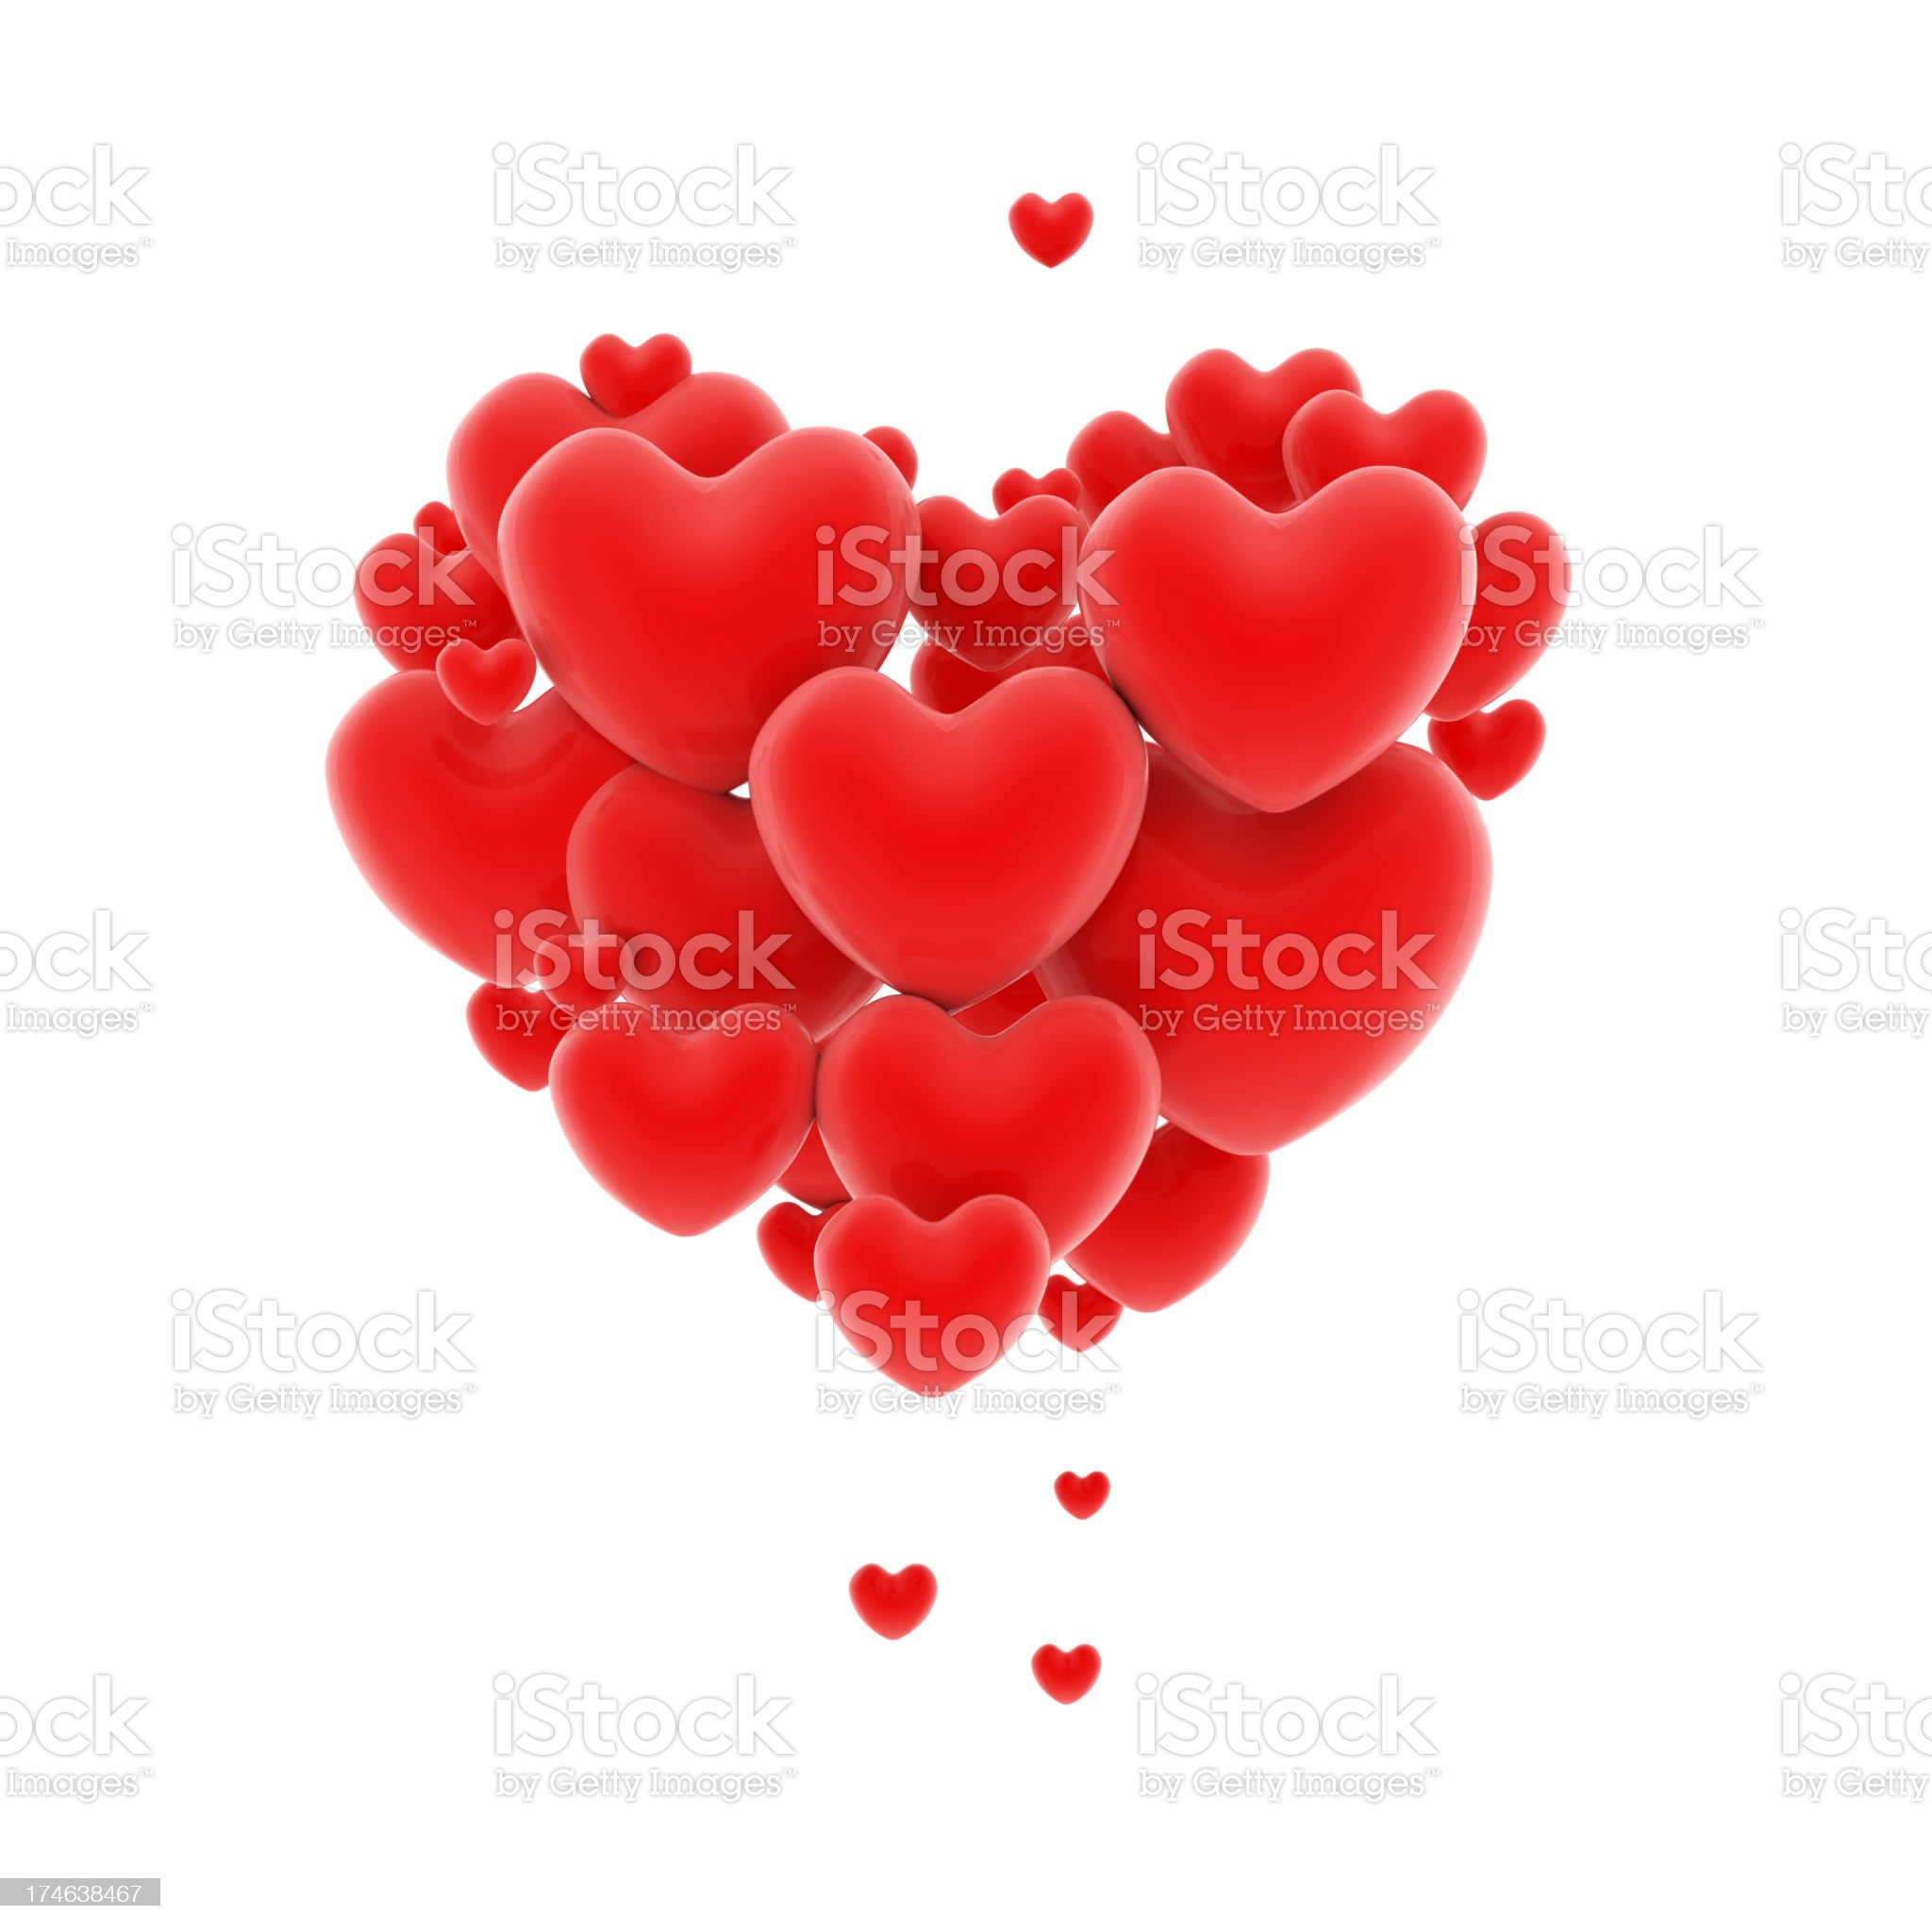 Loving Heart royalty-free stock photo